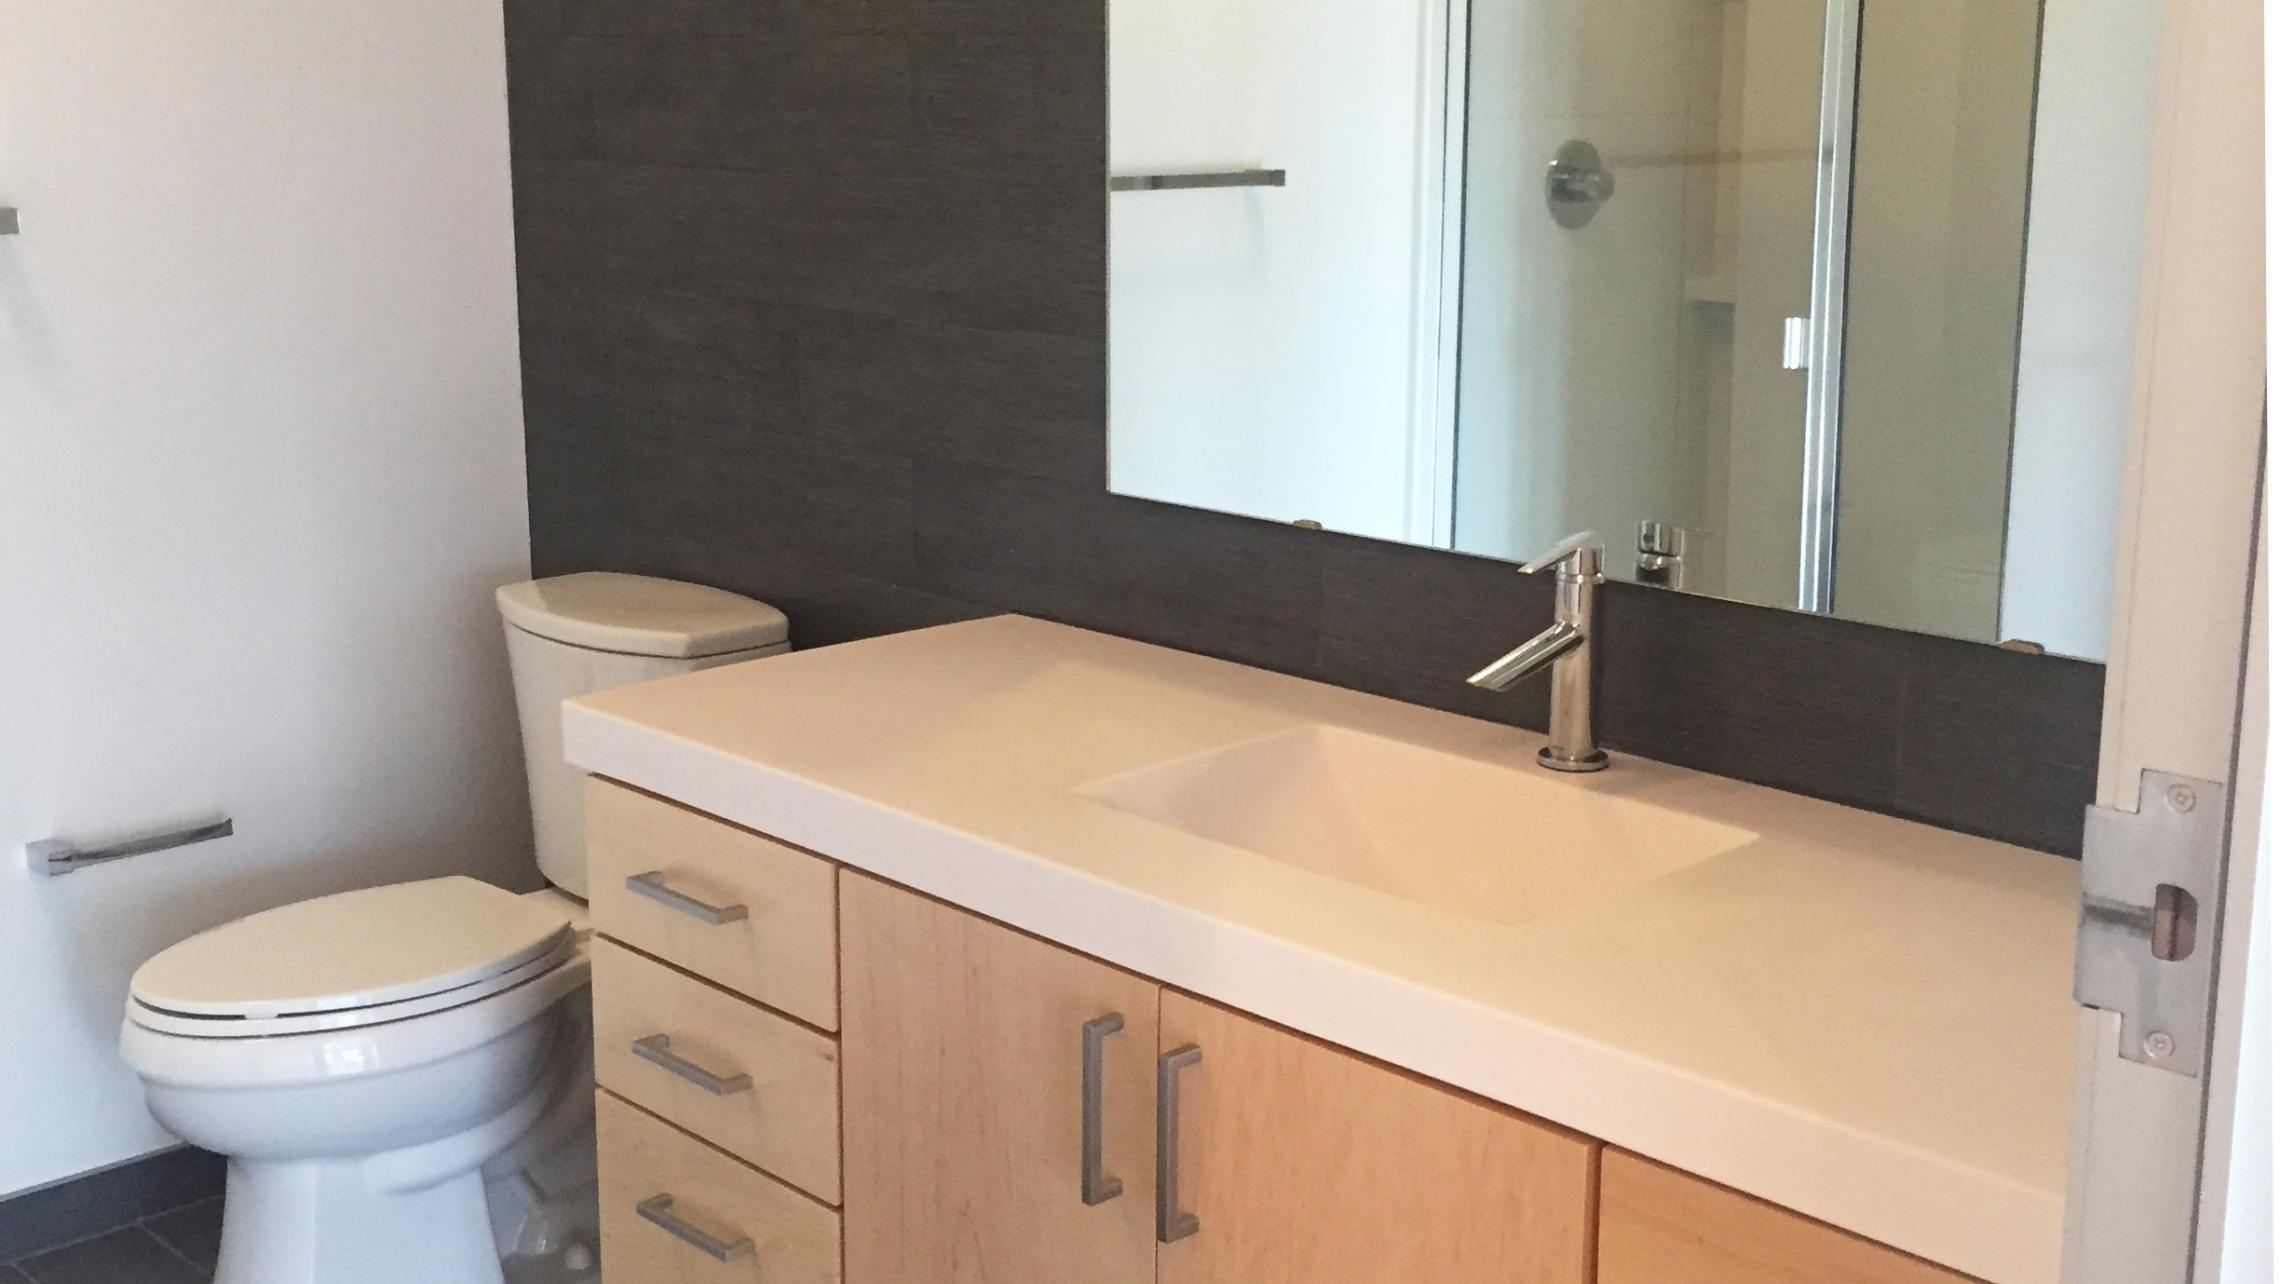 ULI Seven27 Apartment 337 - Bathroom